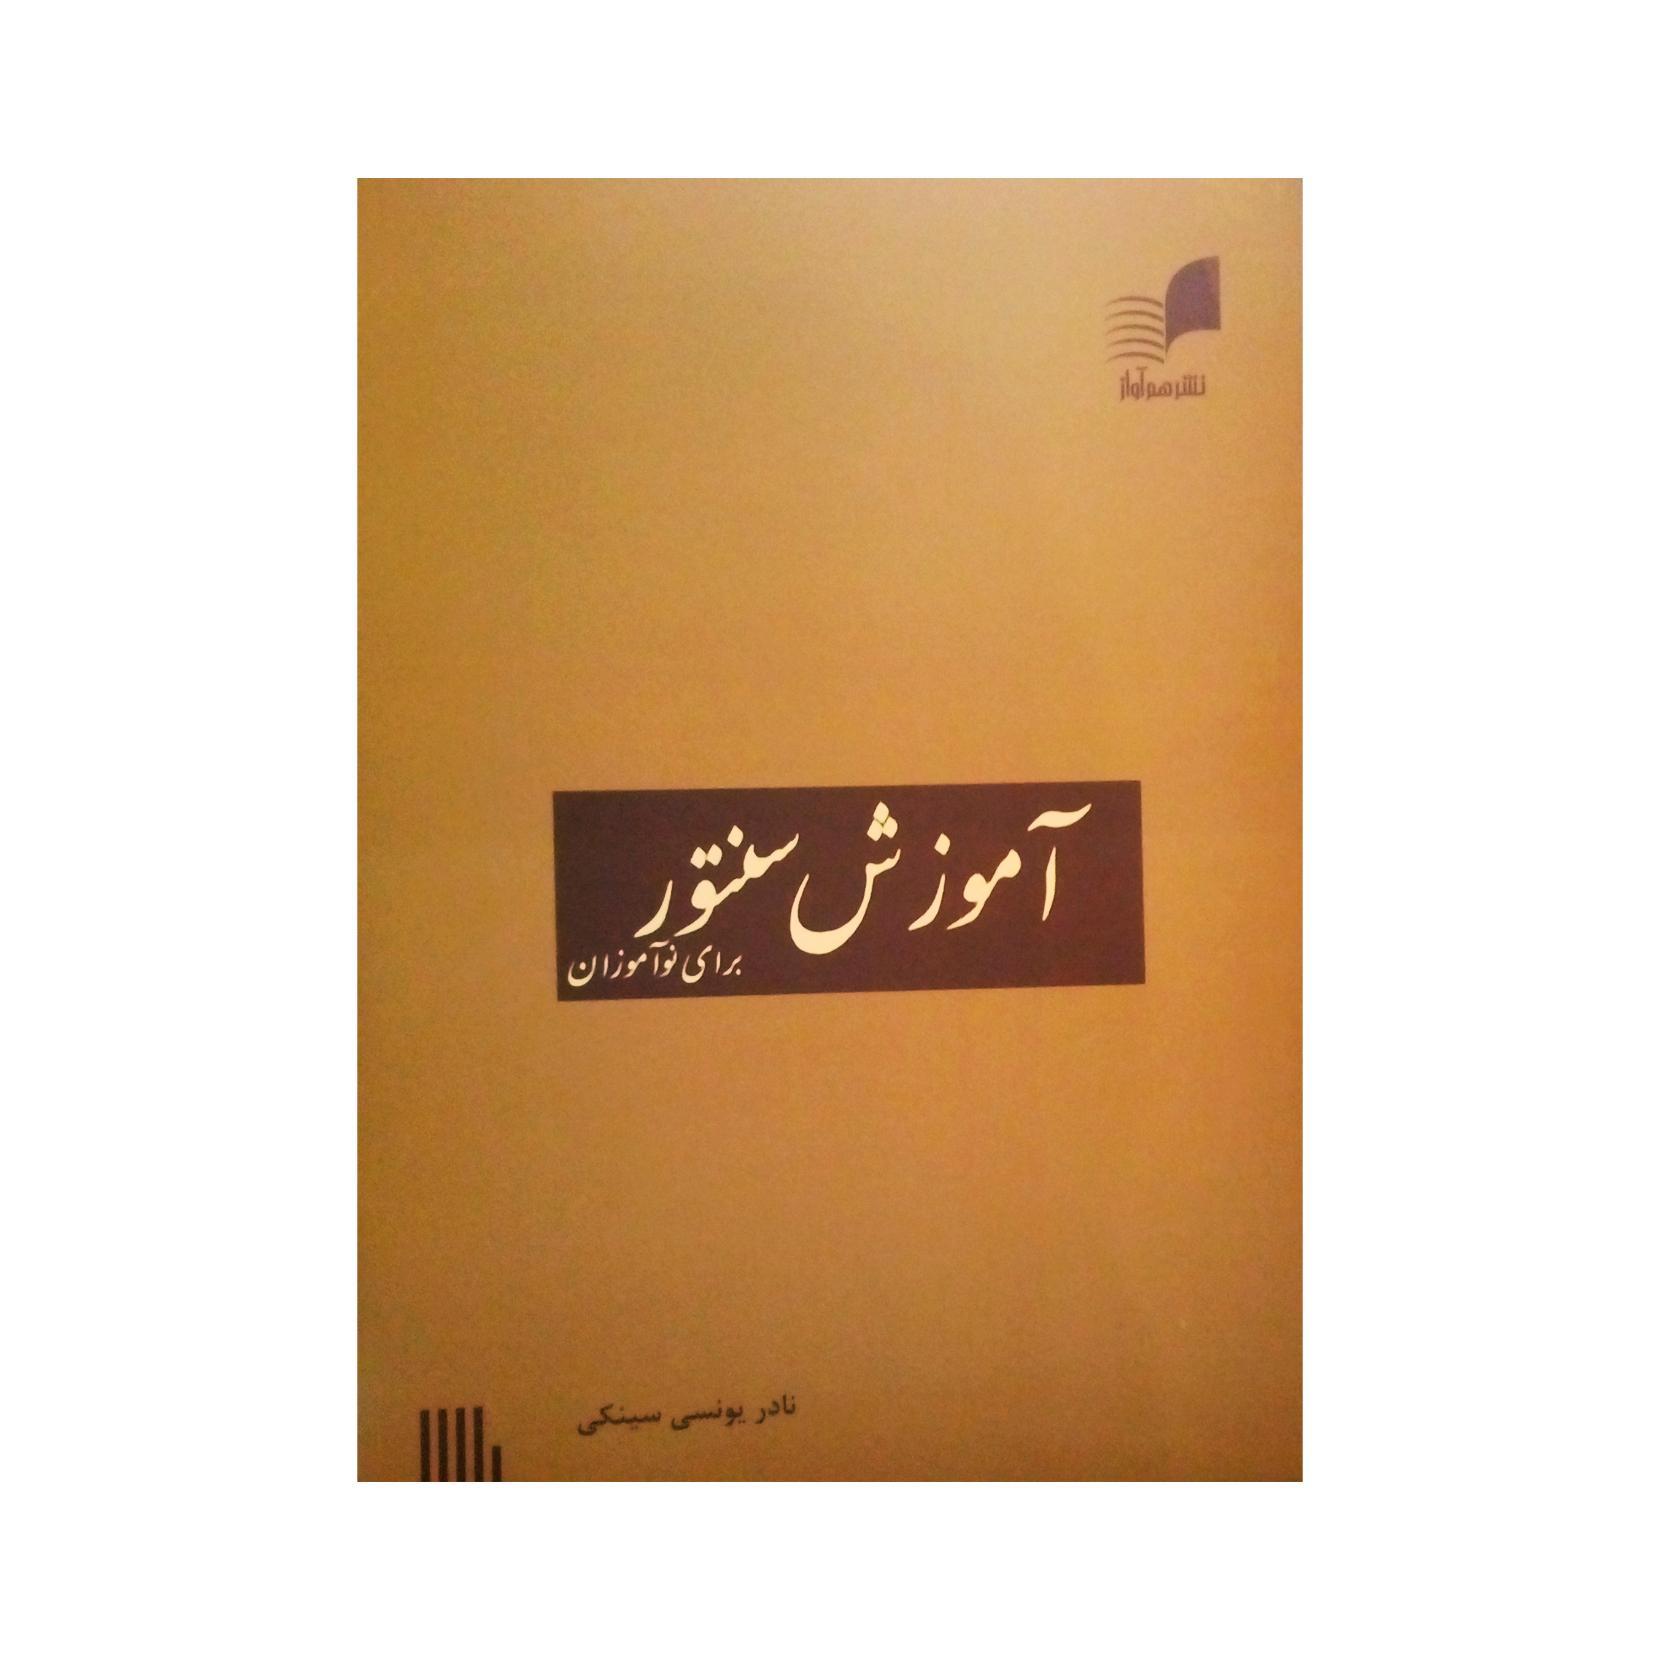 خرید                      کتاب آموزش سنتور برای نوآموزان اثر نادر یونسی سینکی نشر هم آواز